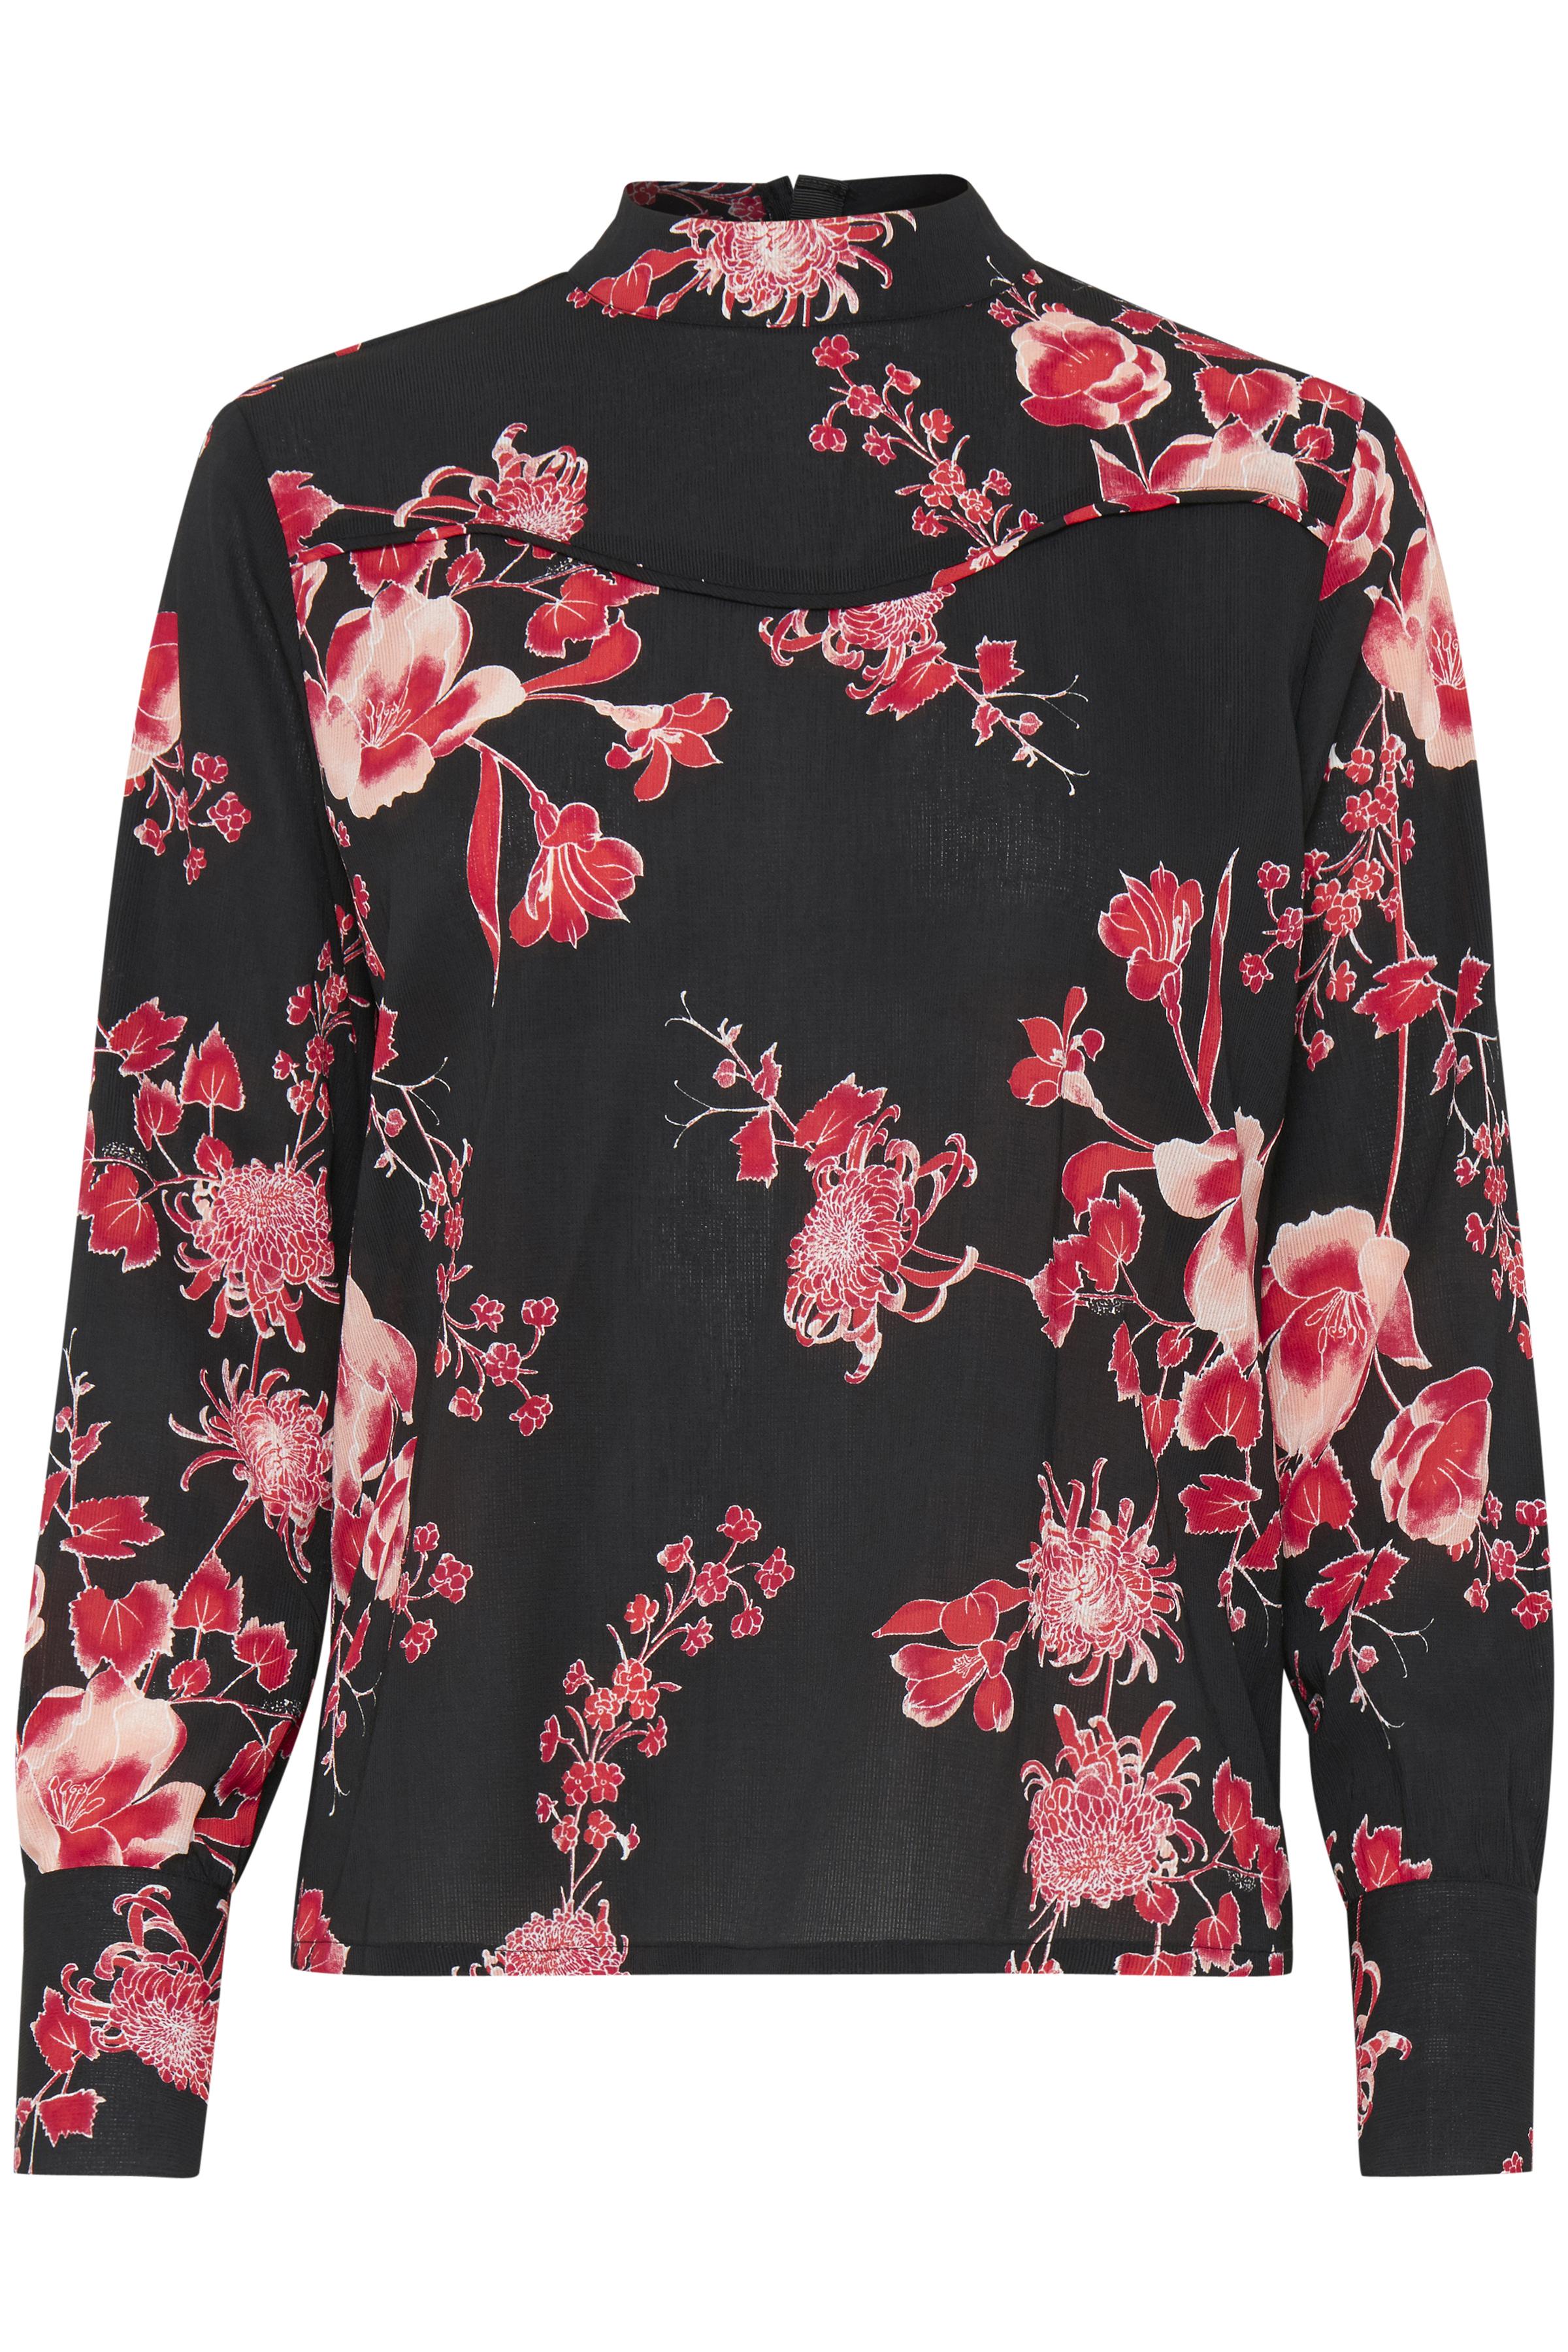 Sort/rød Langærmet bluse fra Dranella – Køb Sort/rød Langærmet bluse fra str. XS-XXL her